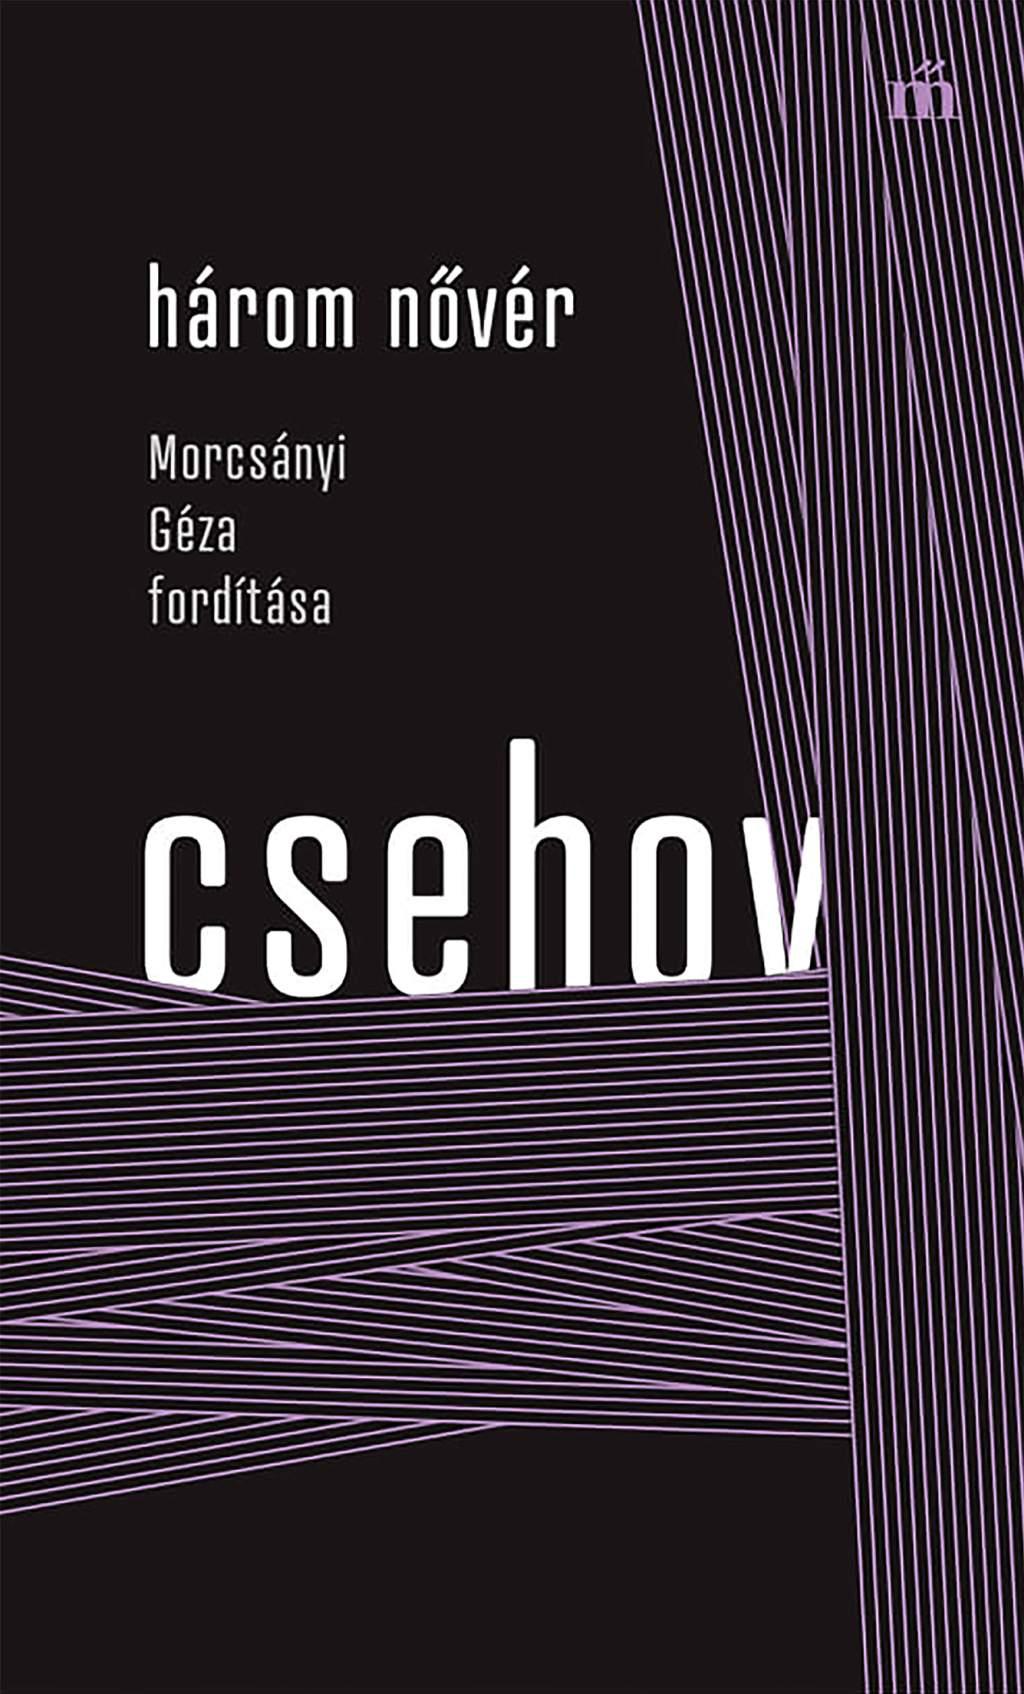 Három nővér - Morcsányi Géza fordítása